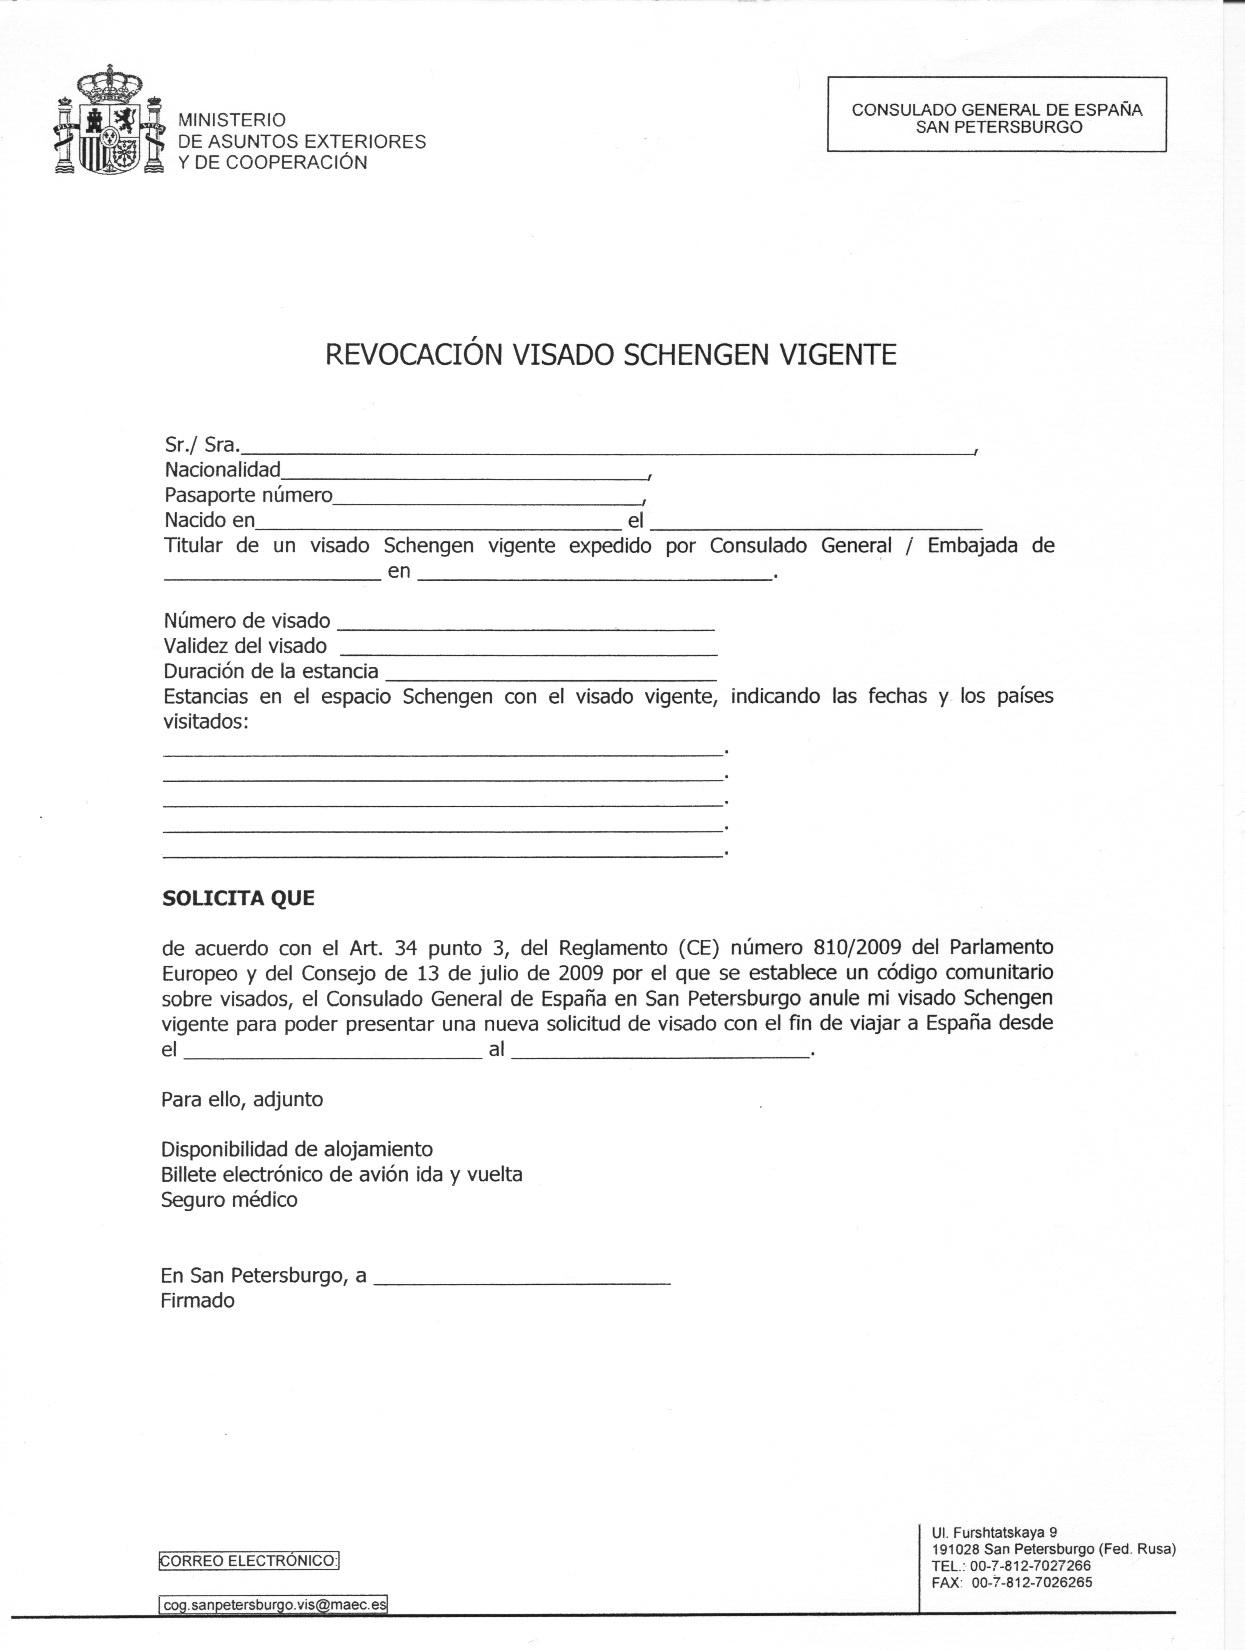 бланк получения визы в испанию